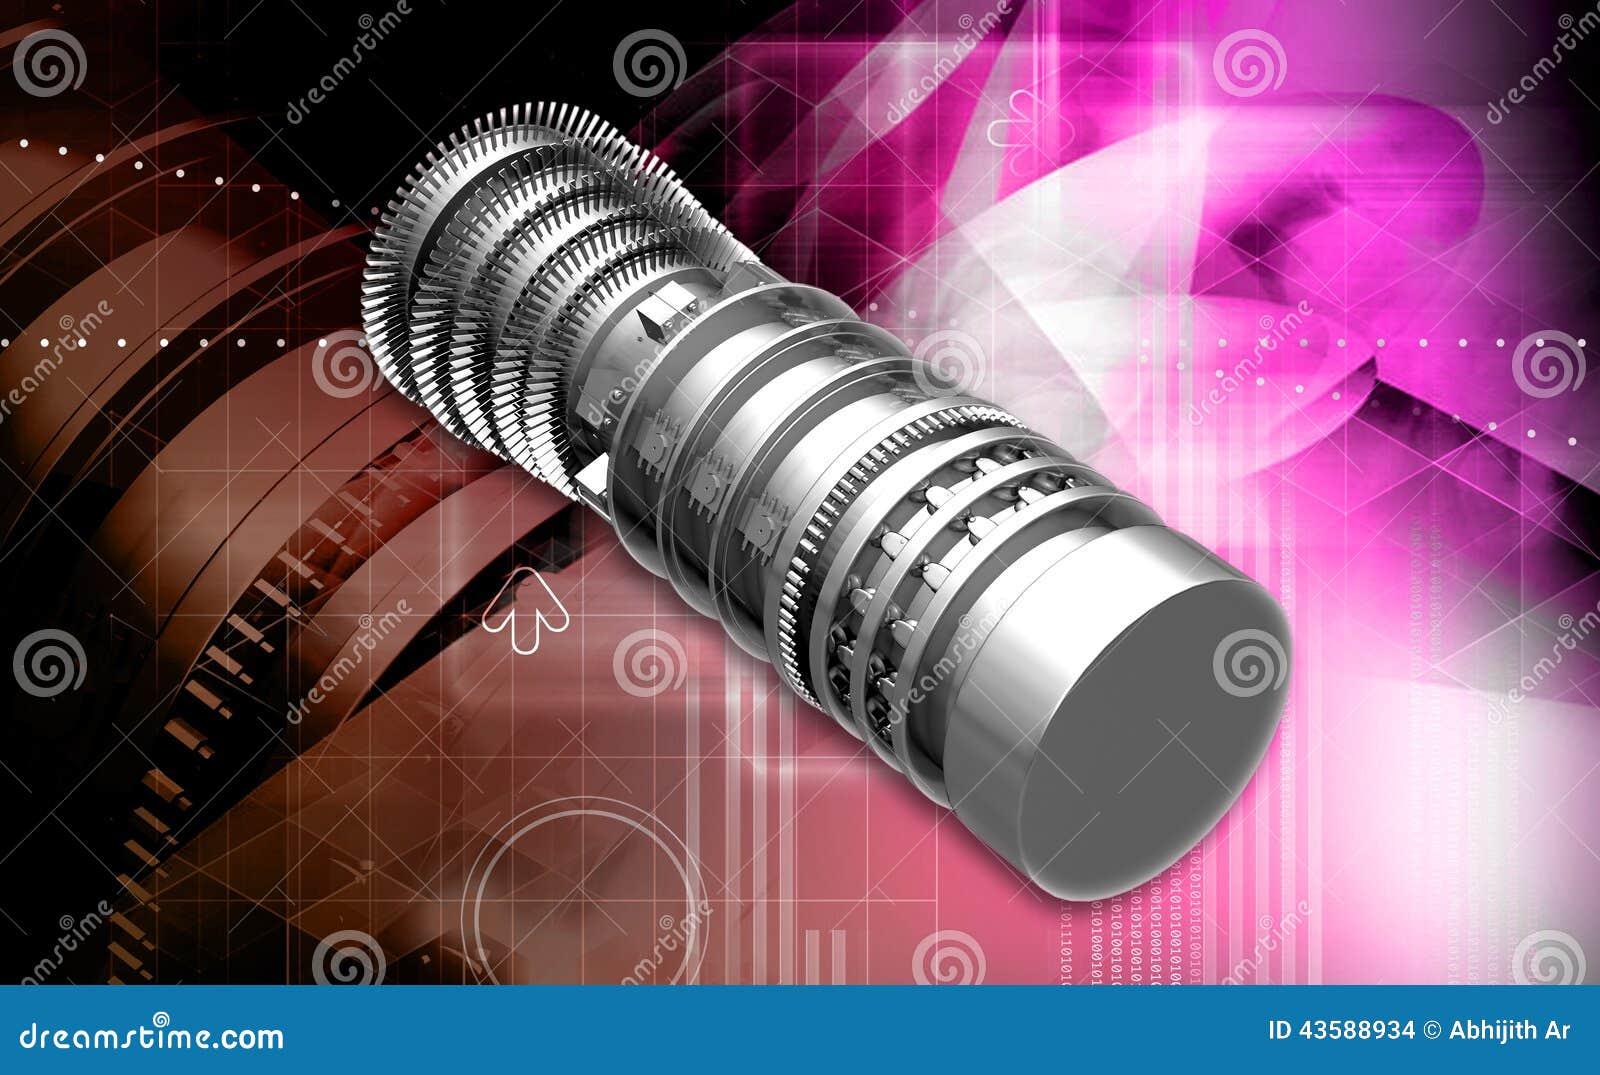 Gas Turbine jet engine propulsion blades